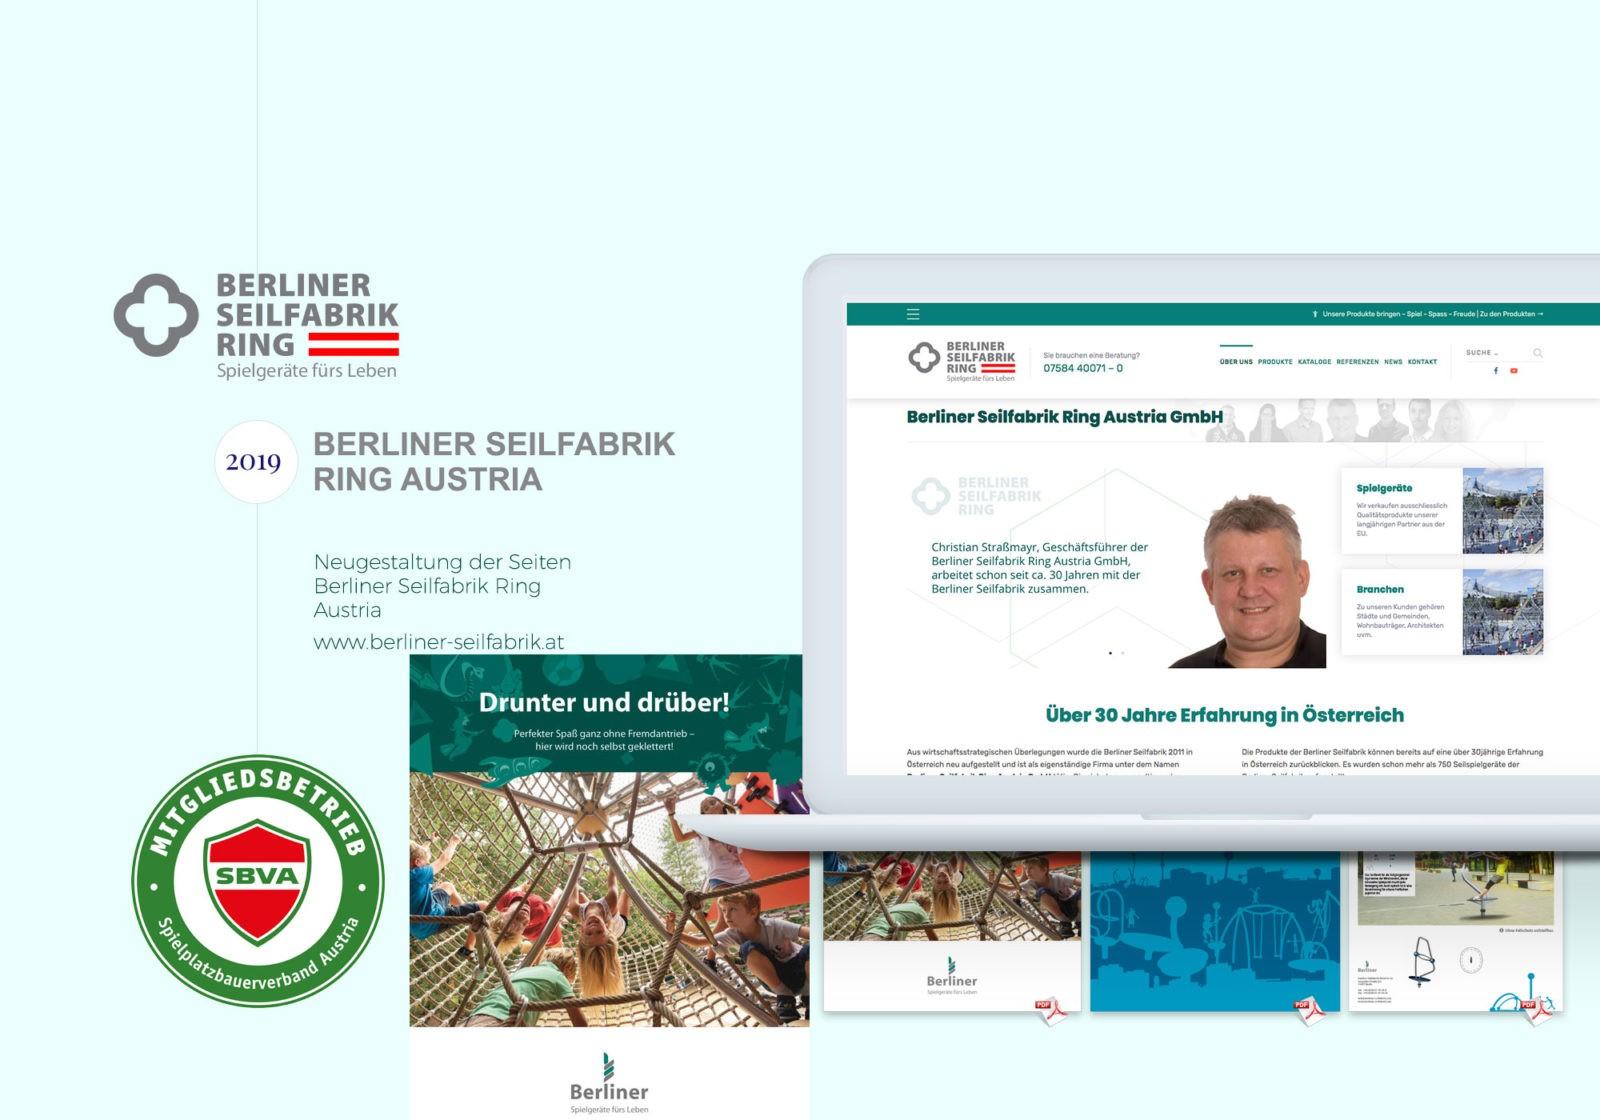 Kunde Berliner Seilfabrik Ring Austria GmbH